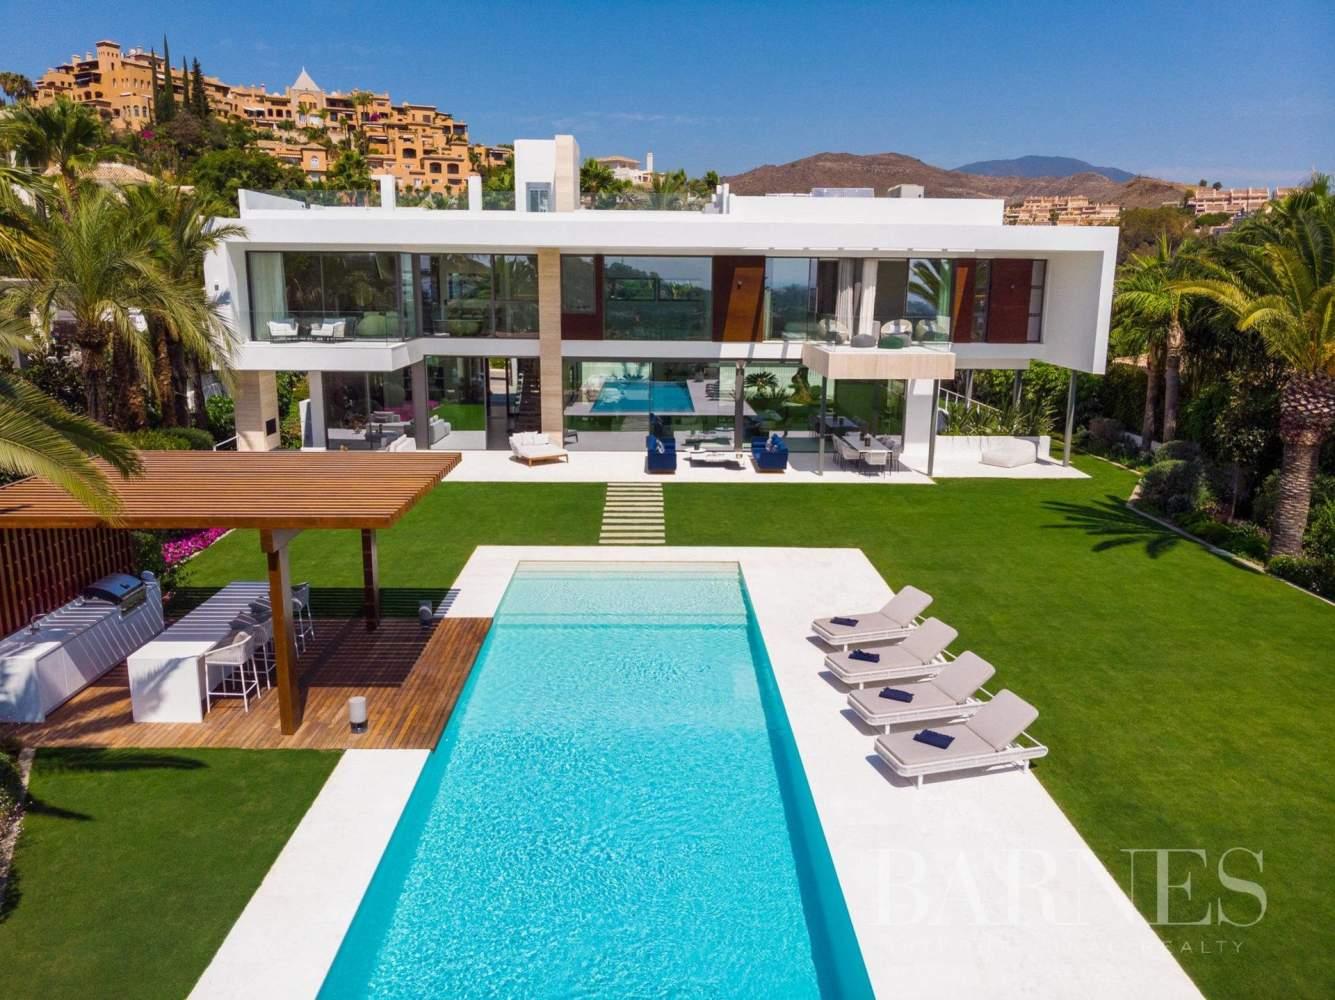 Nueva Andalucia  - Villa  6 Chambres - picture 4